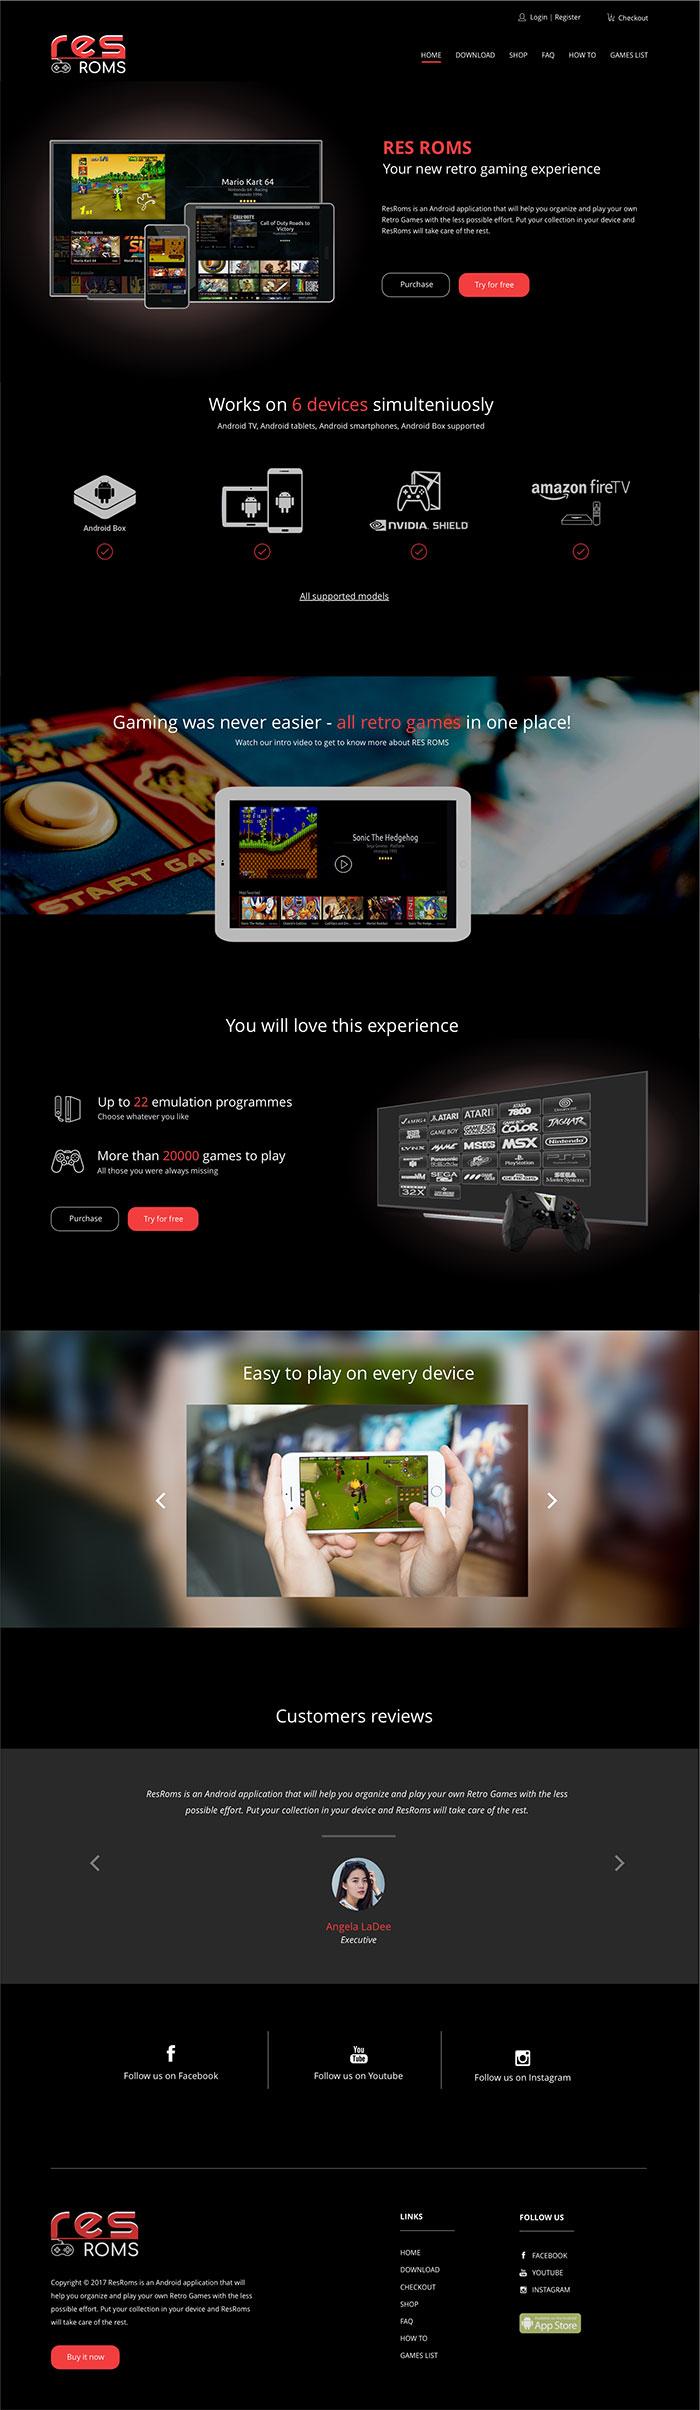 Продажа приложения для эмуляции ретро игр